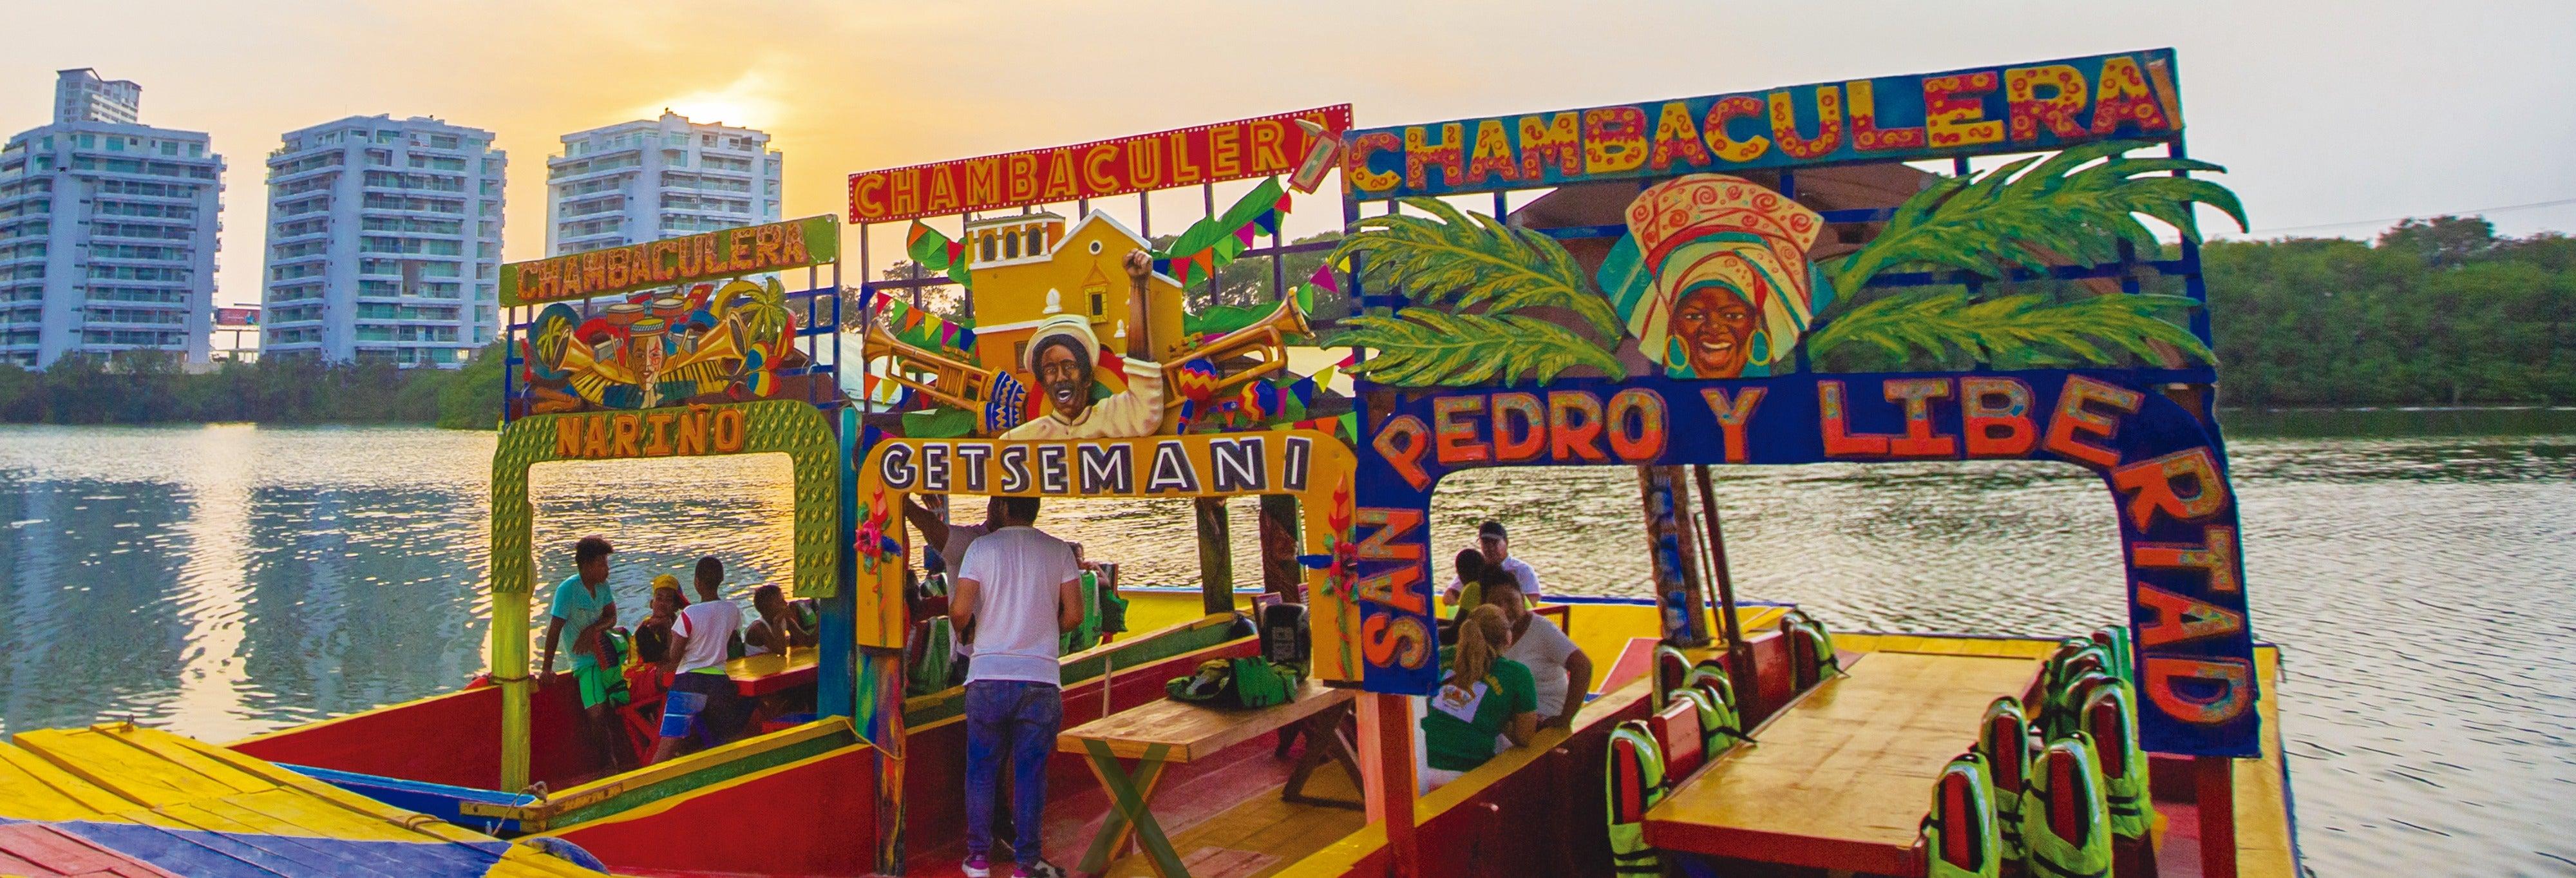 Giro privato in chambaculera a Cartagena